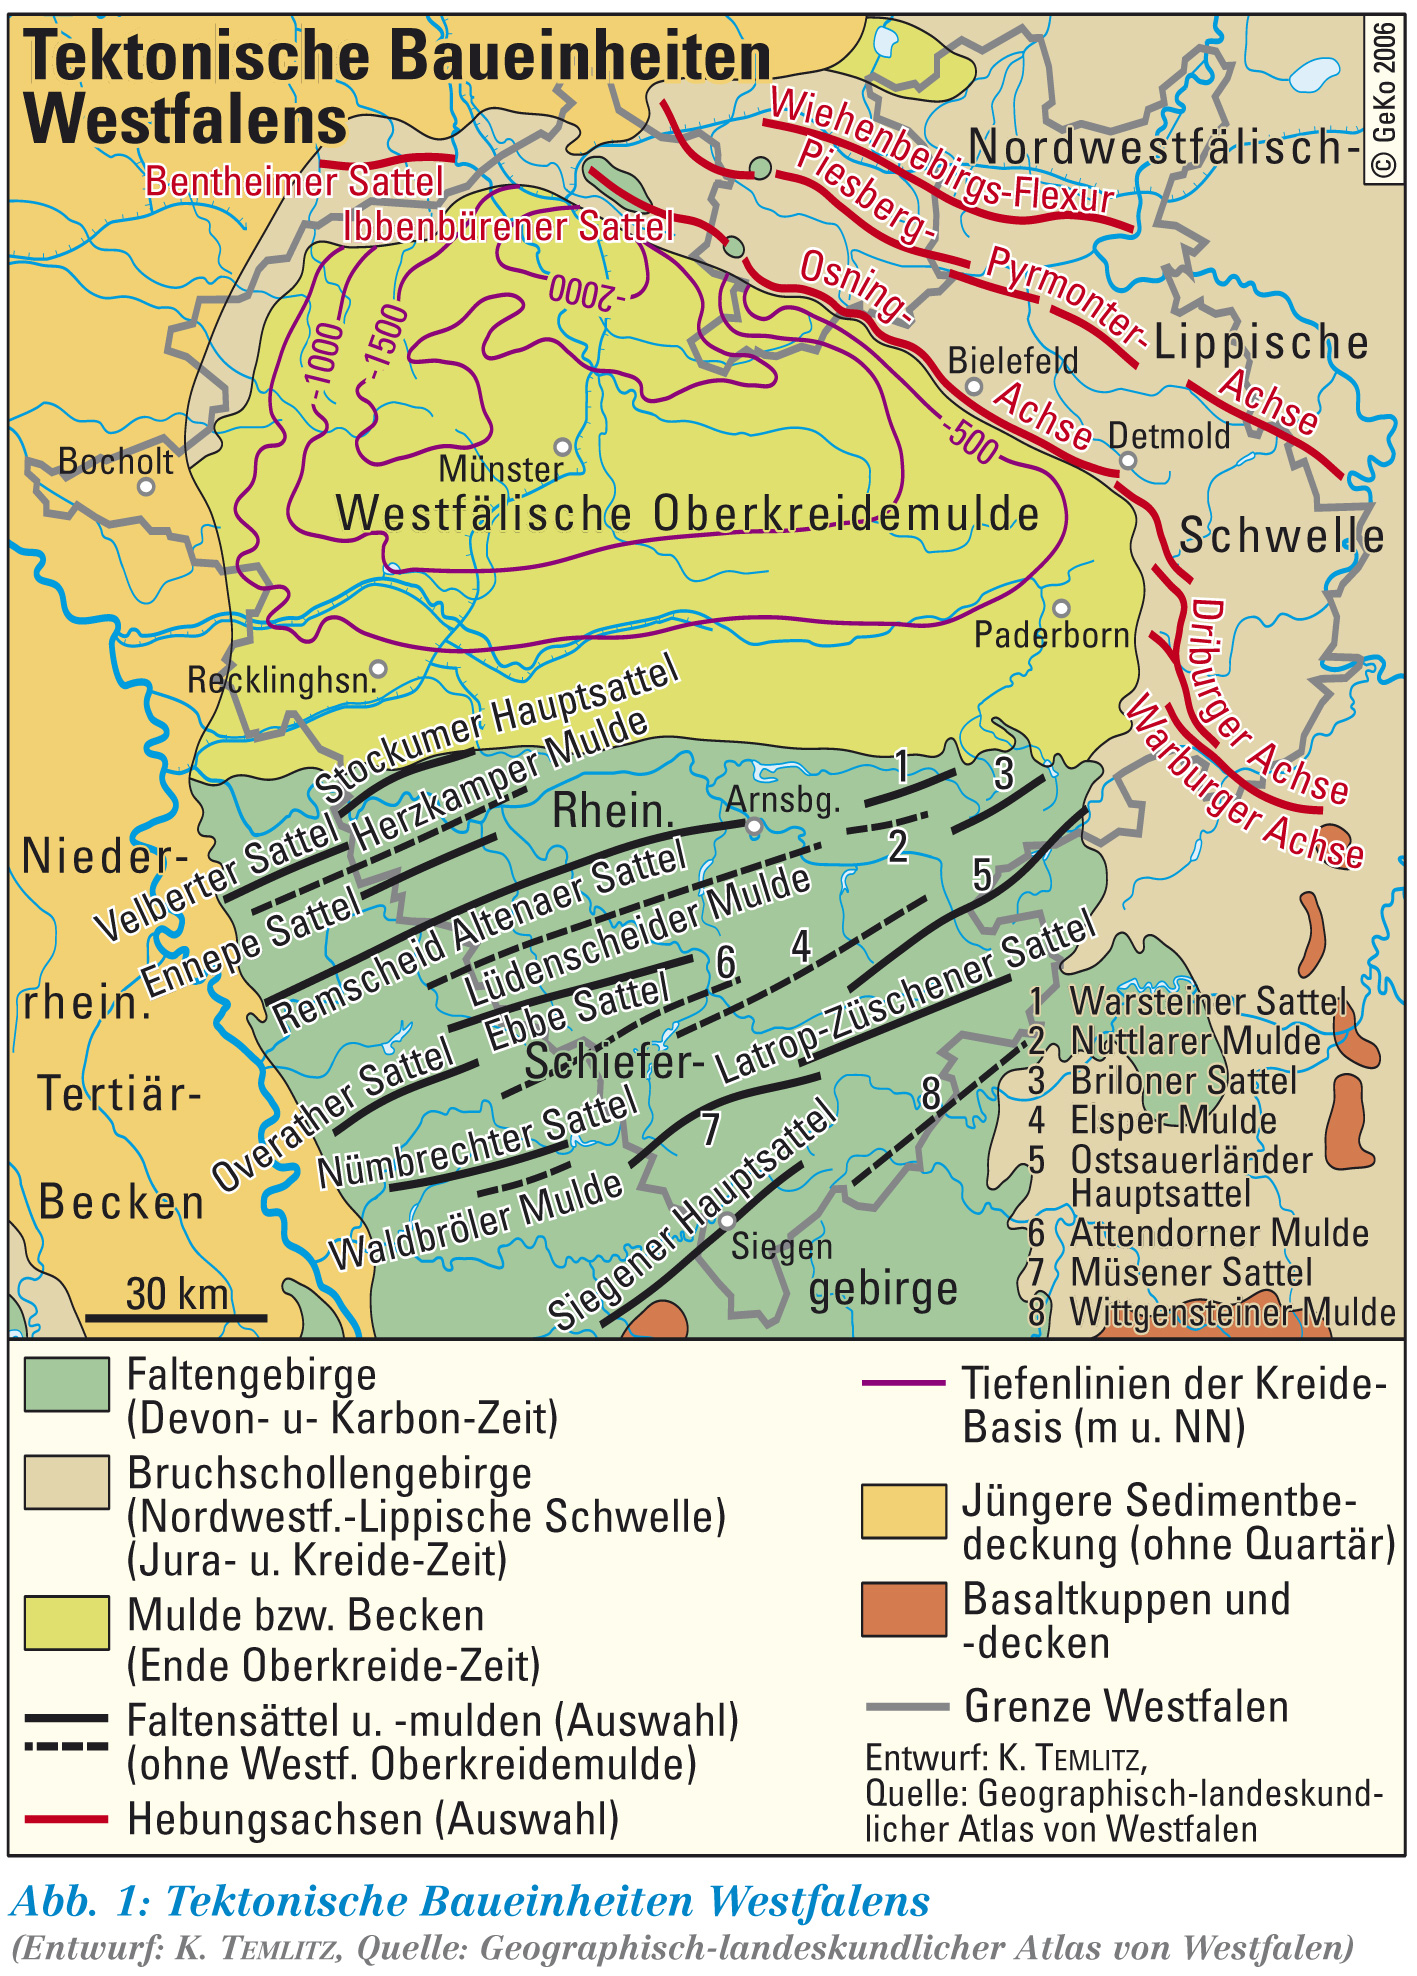 Geologische Karte Ruhrgebiet.Lwl Tektonische Baueinheiten Westfalens Westfalen Regional